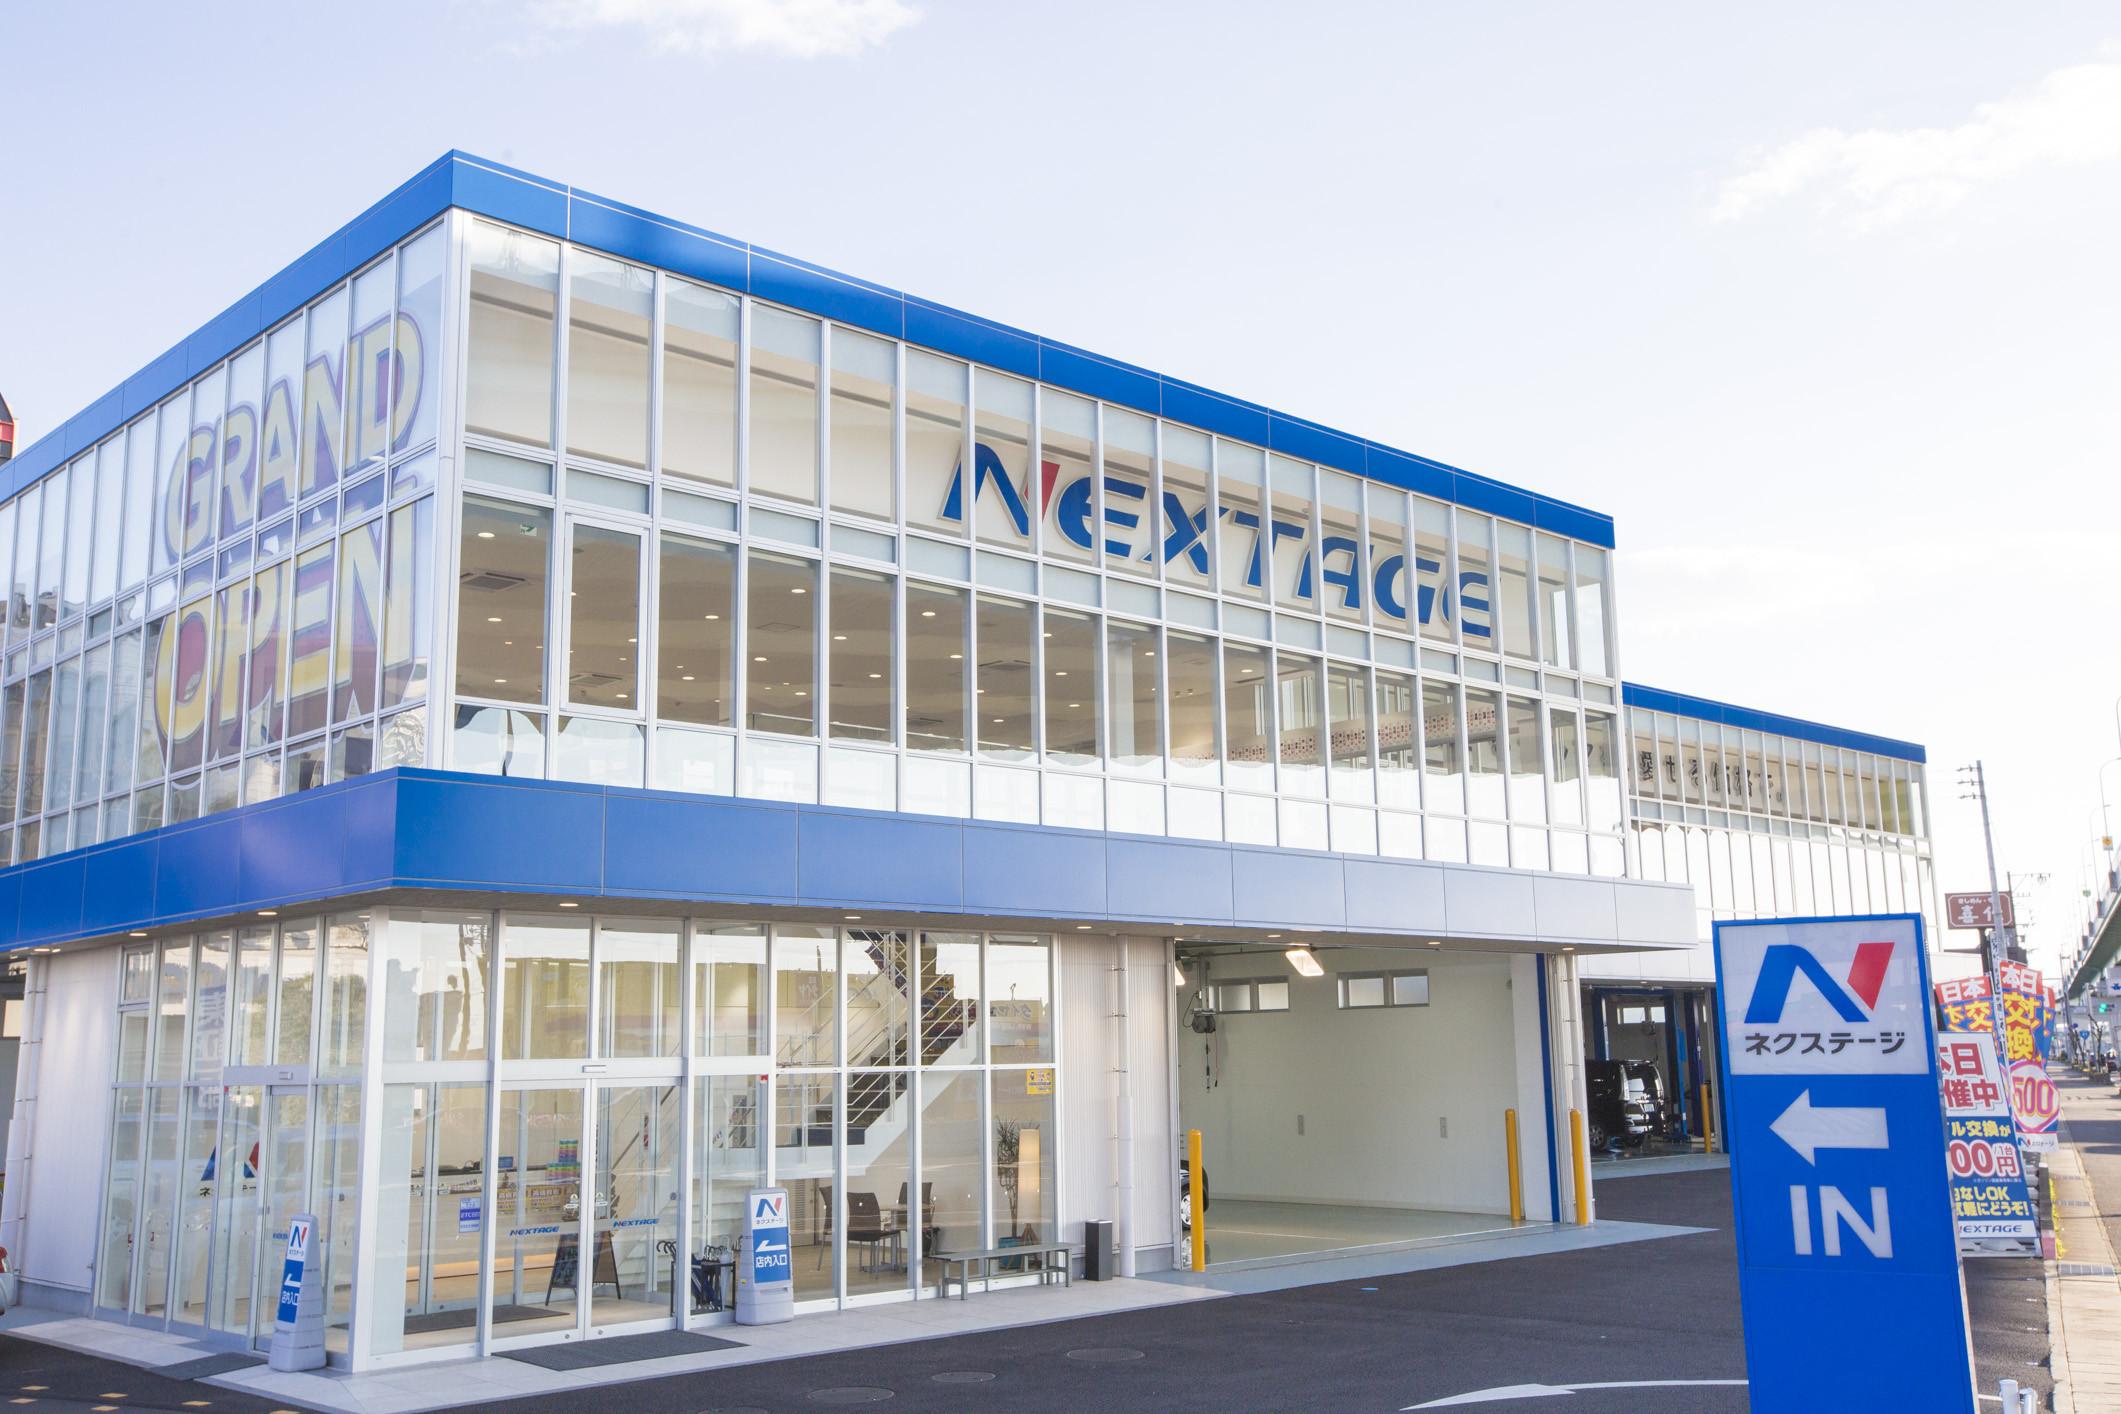 ネクステージ 名古屋茶屋店のアルバイト情報